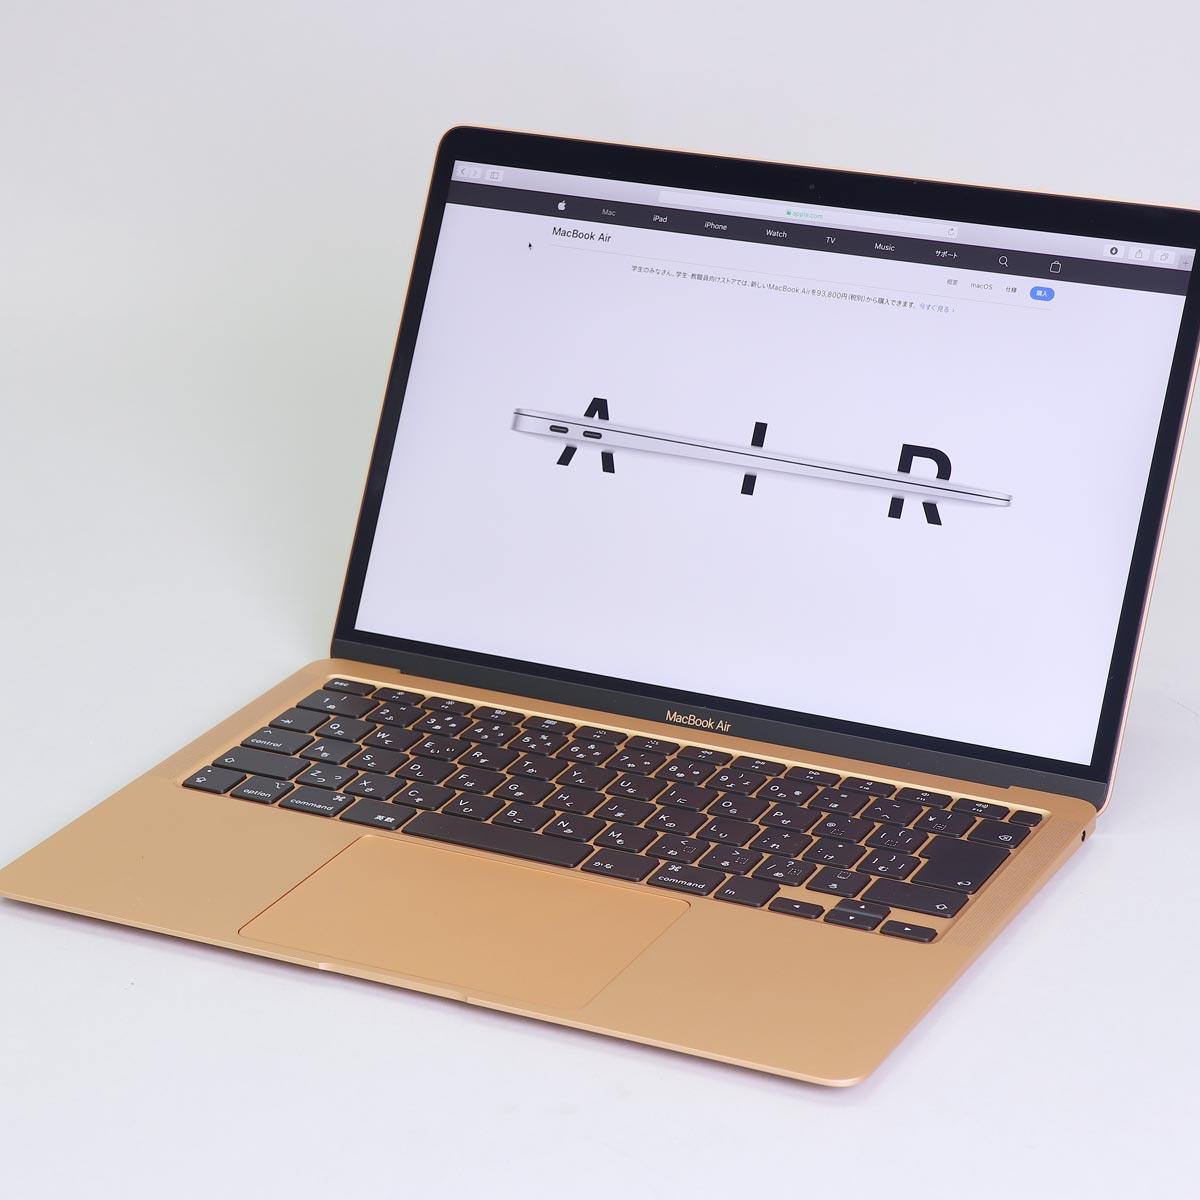 これは人気になるでしょう! 新型「MacBook Air」は使いやすくて速くて安い